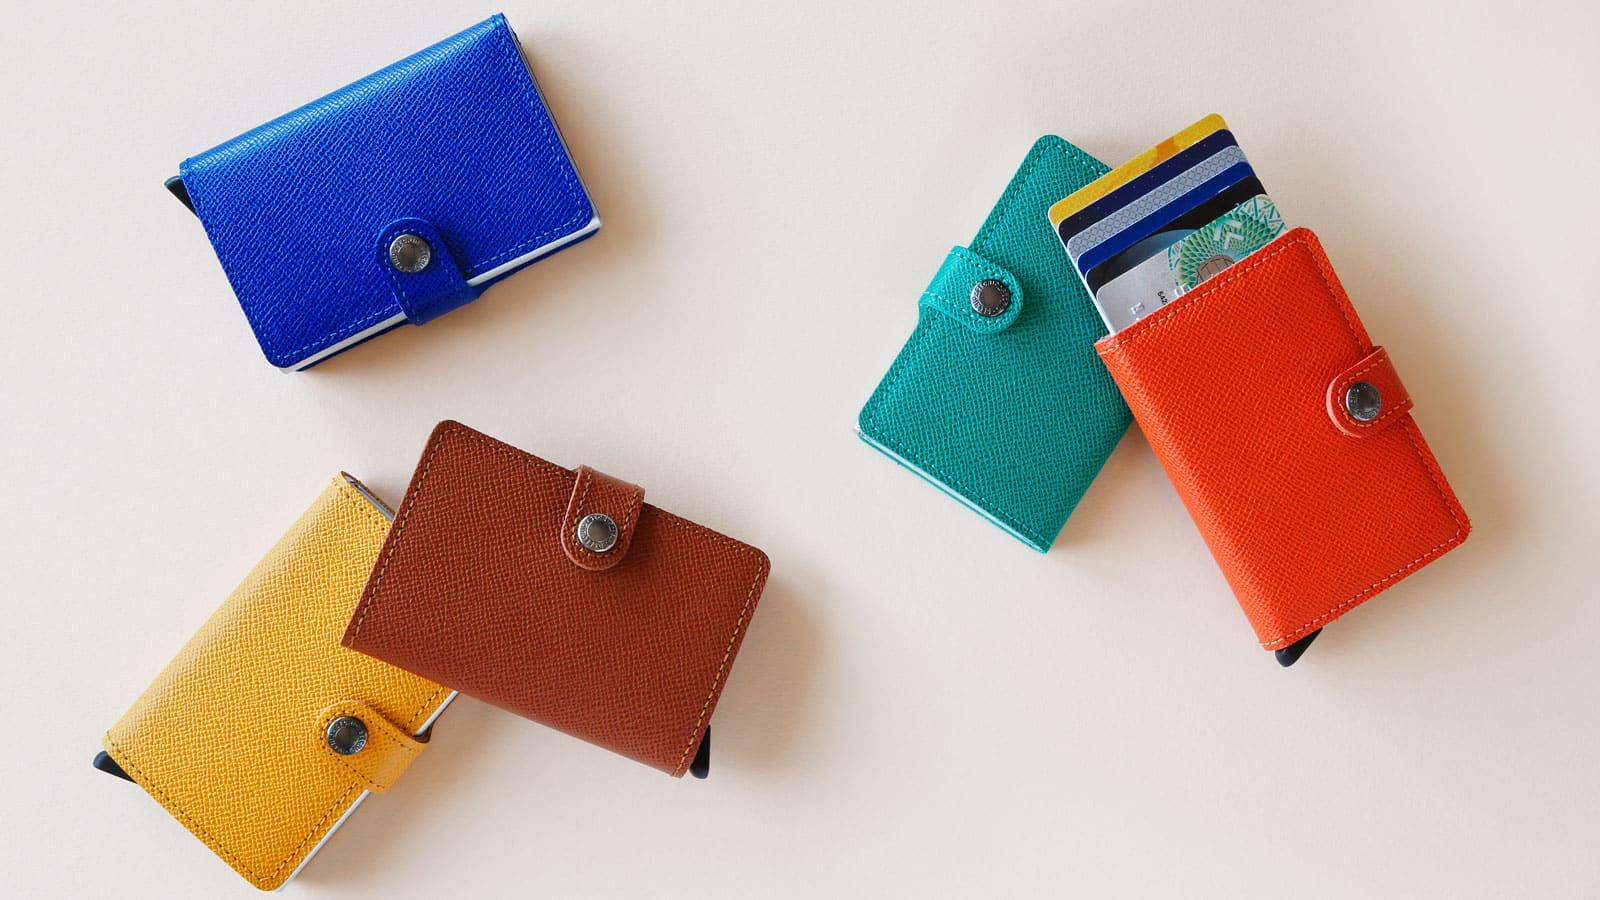 Secrid-wallets-porte-monnaie-Lionel-Meylan-horlogerie-joaillerie-vevey